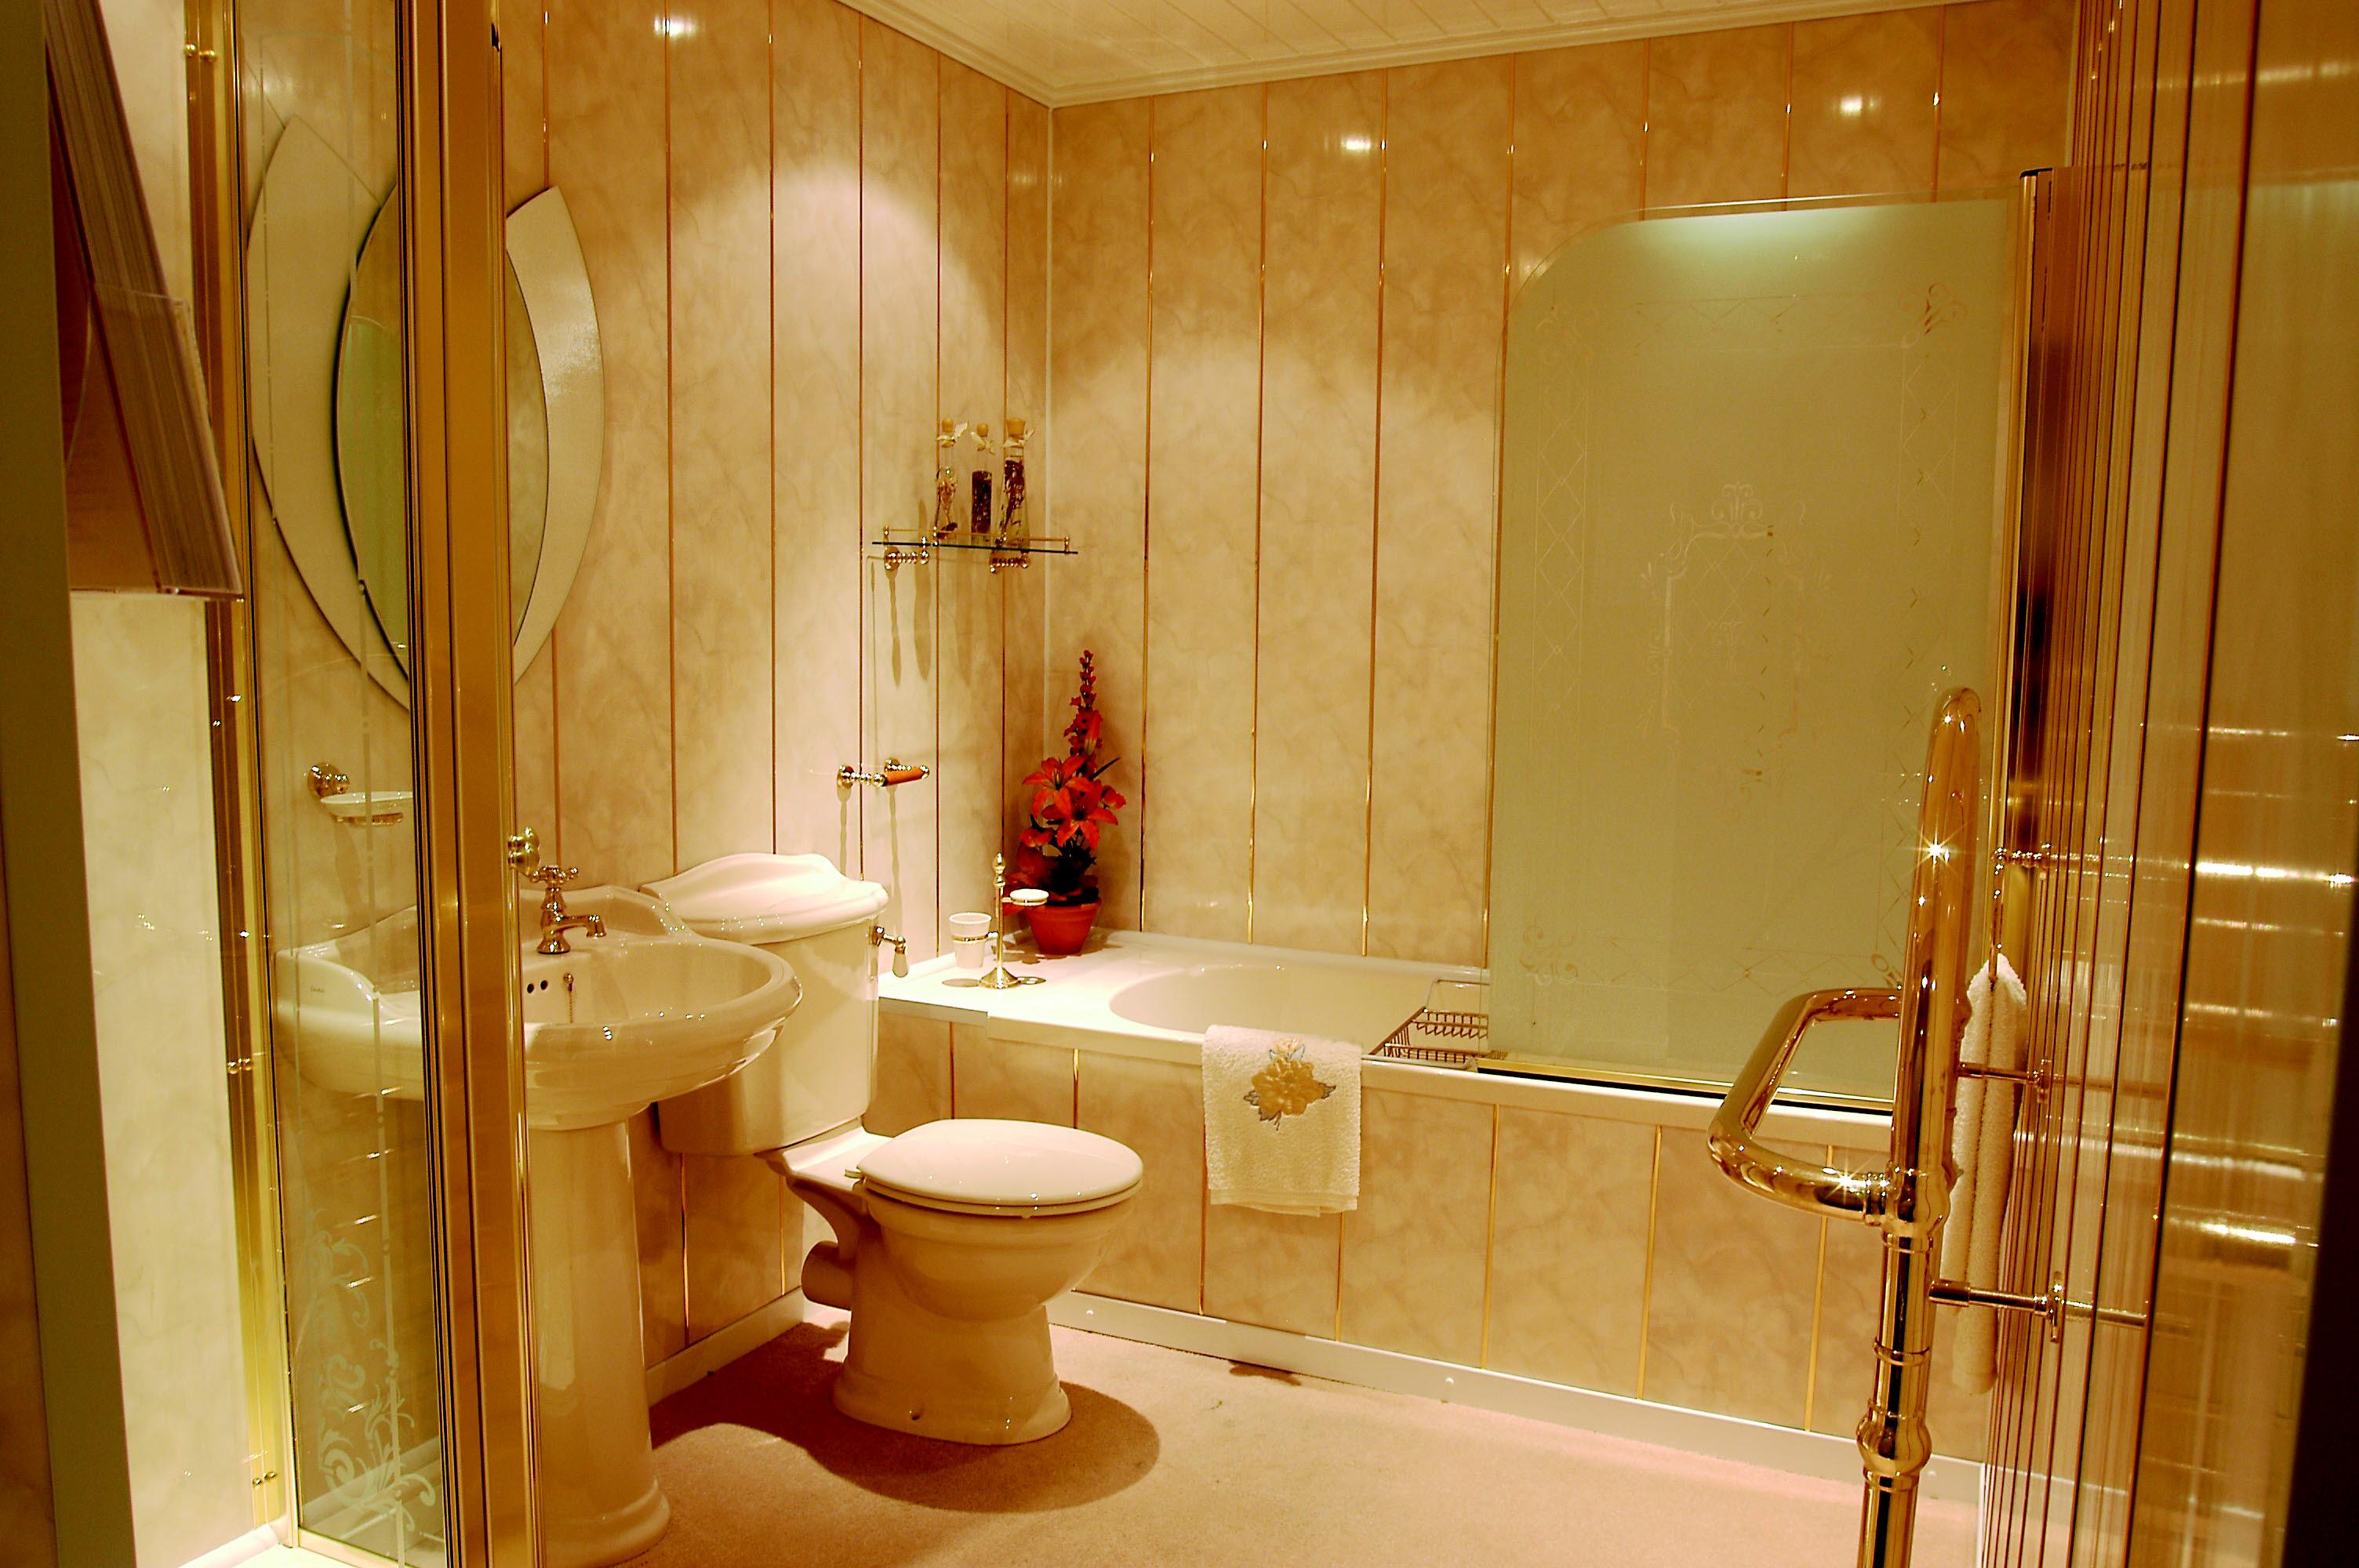 Как сделать ремонт своими руками в ванной комнаты